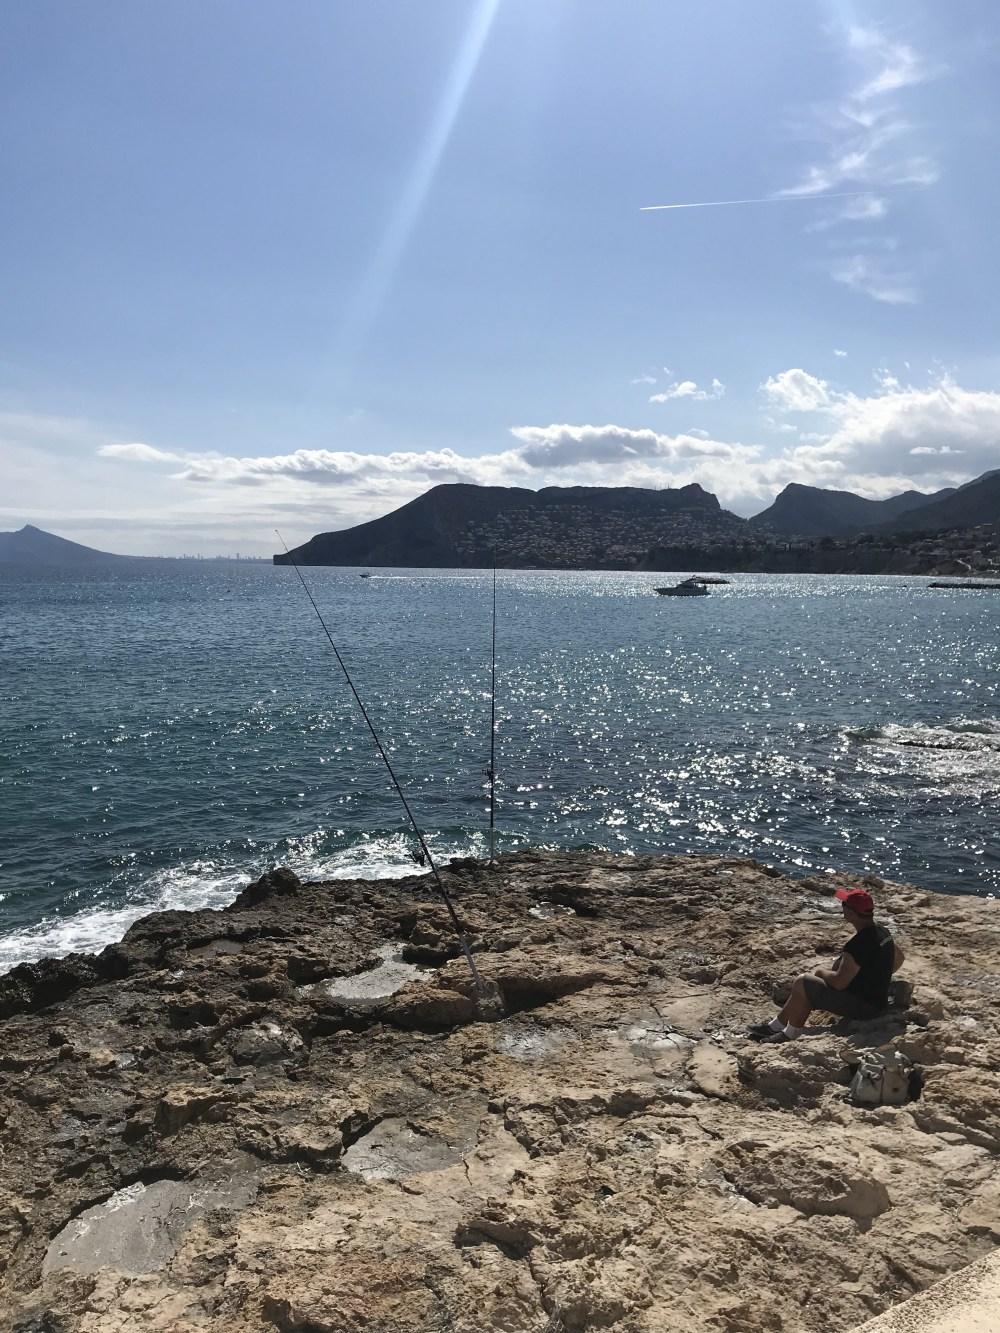 Não é raro vermos pessoas pescando nas diversas praias de Calpe